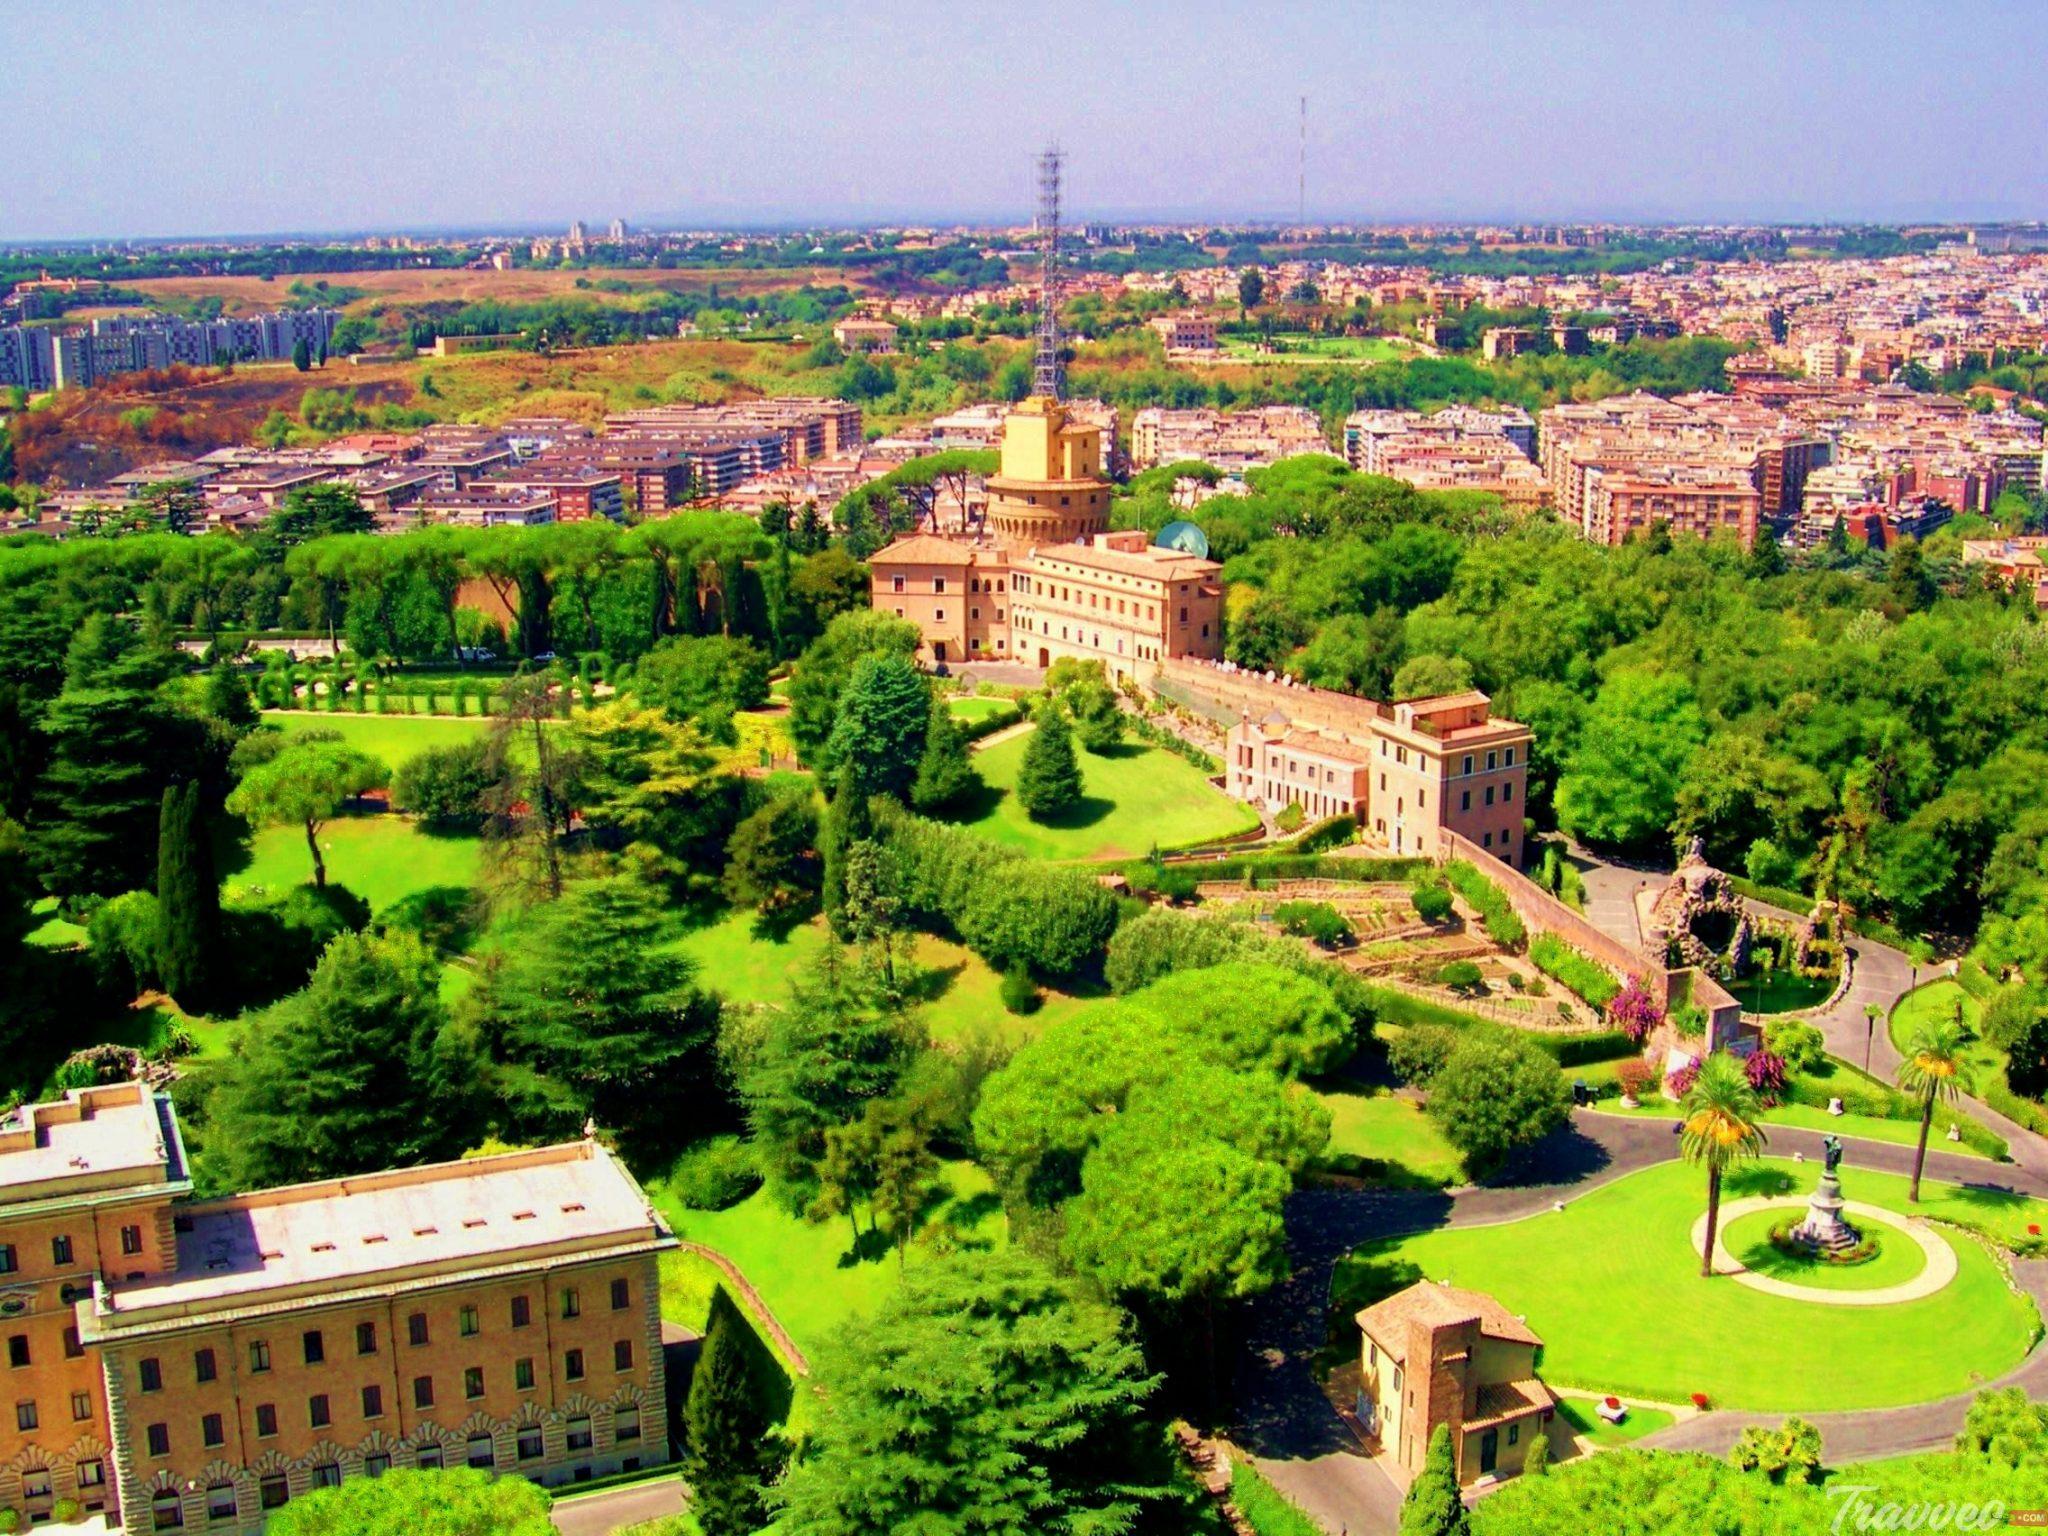 حدائق الفاتيكان الشهيرة